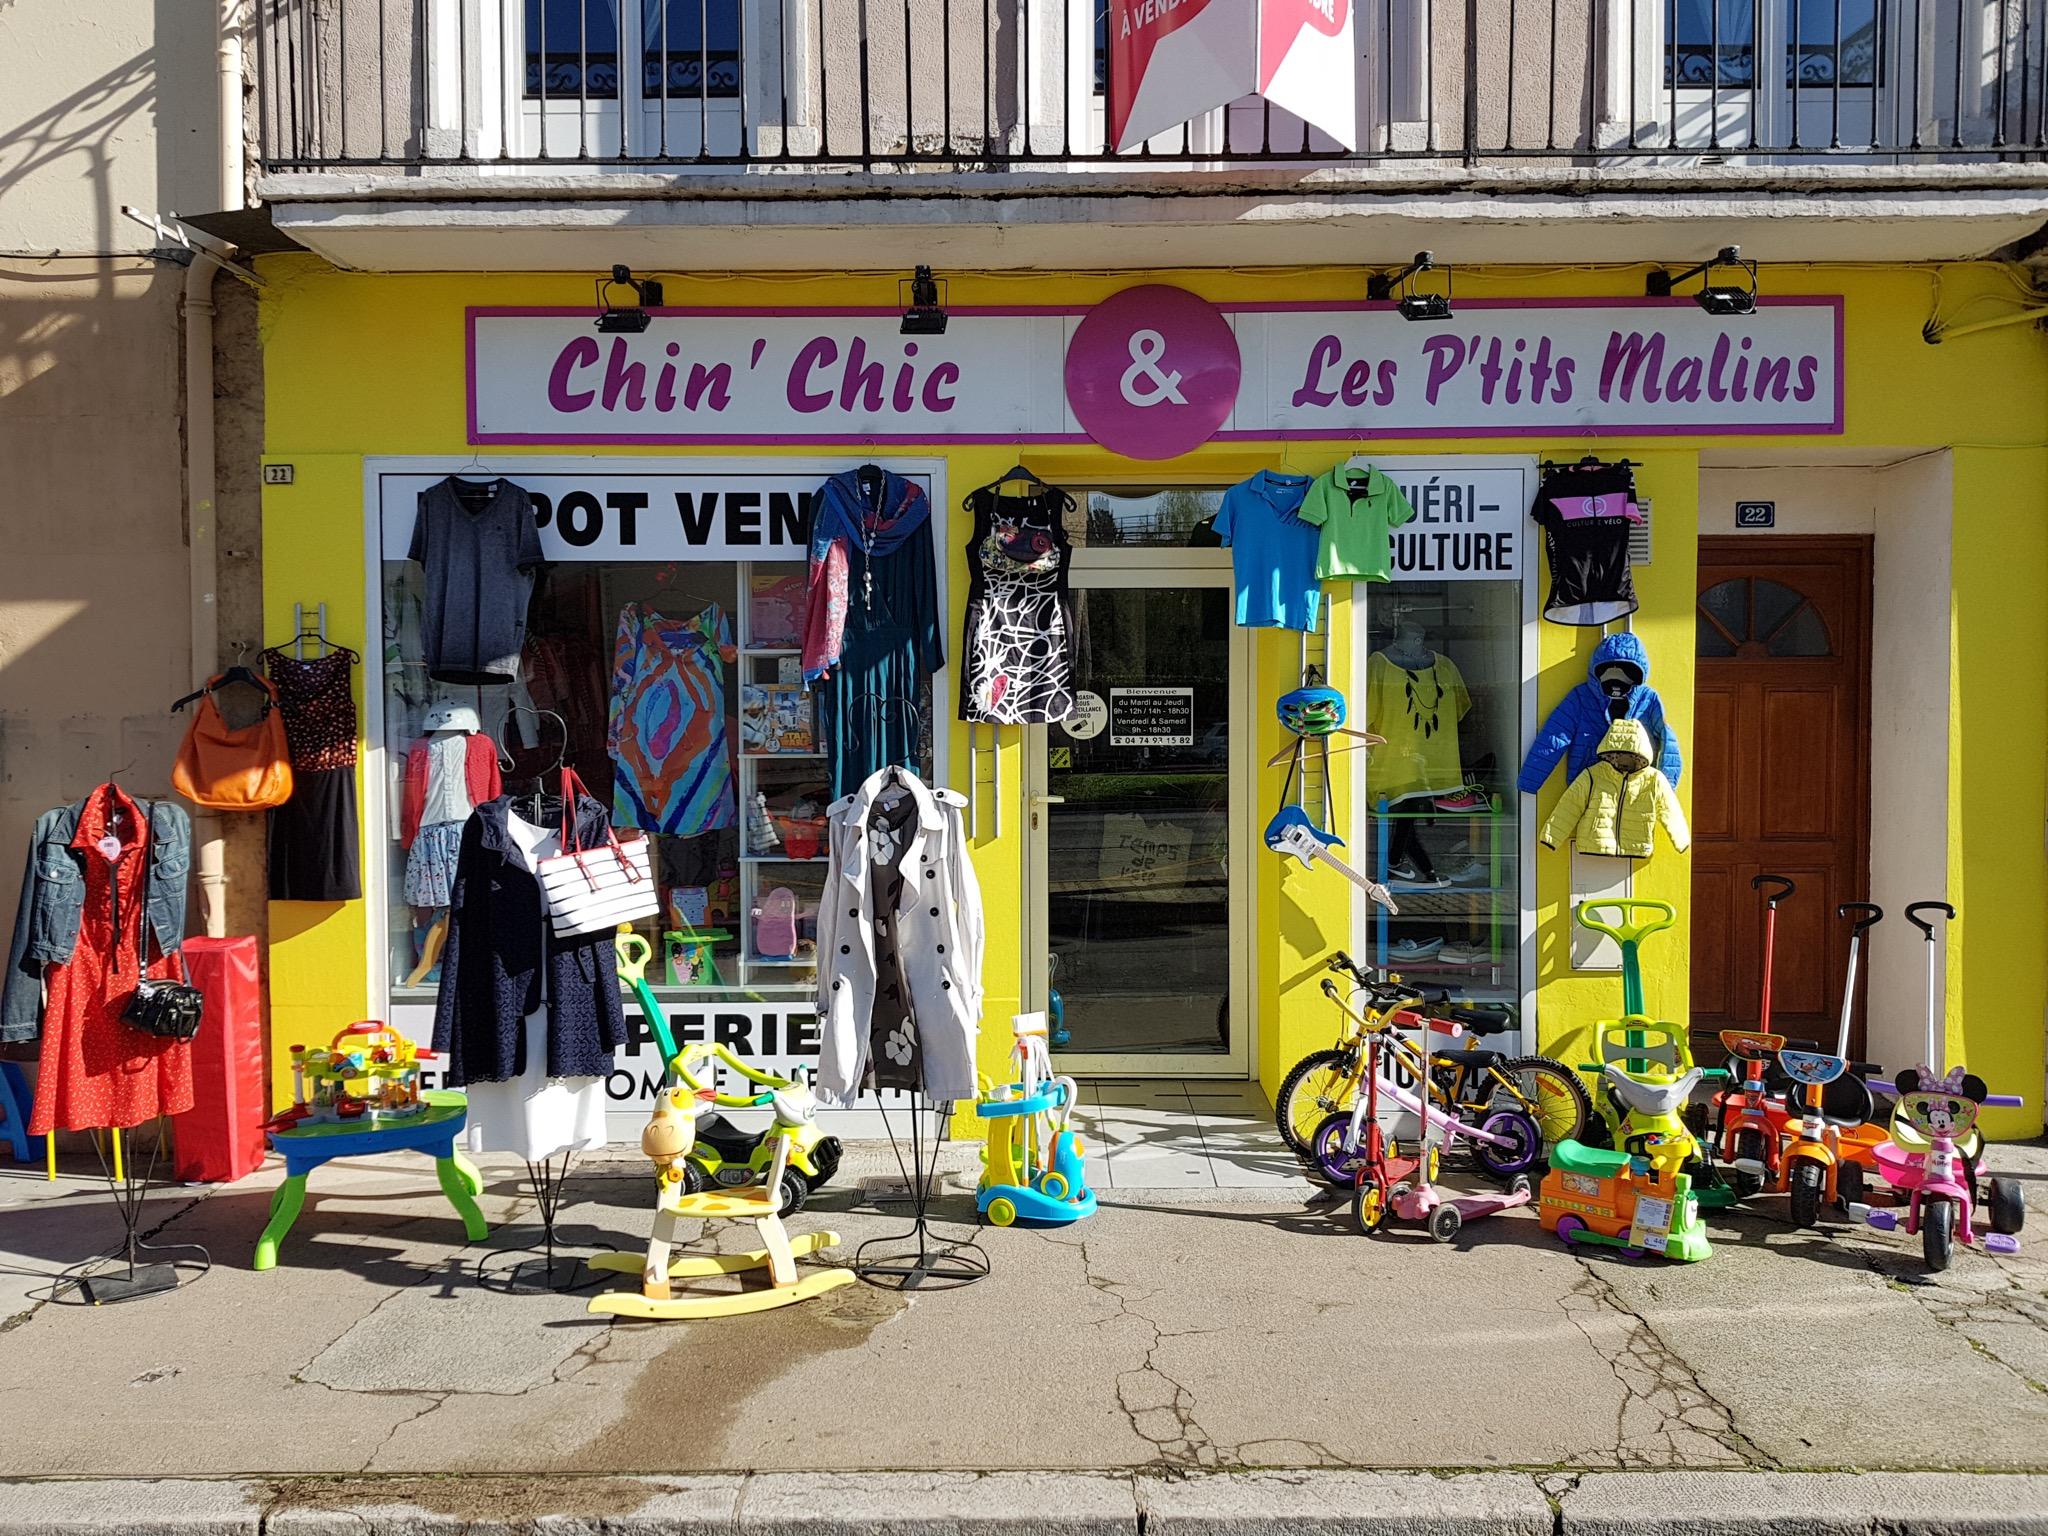 Depot Vente Et Friperie A Bourgoin Jallieu Vetements Occasion Jouets Et Objets D Occasion Et Neufs Depot Vente Chin Chic Les P Tits Malins